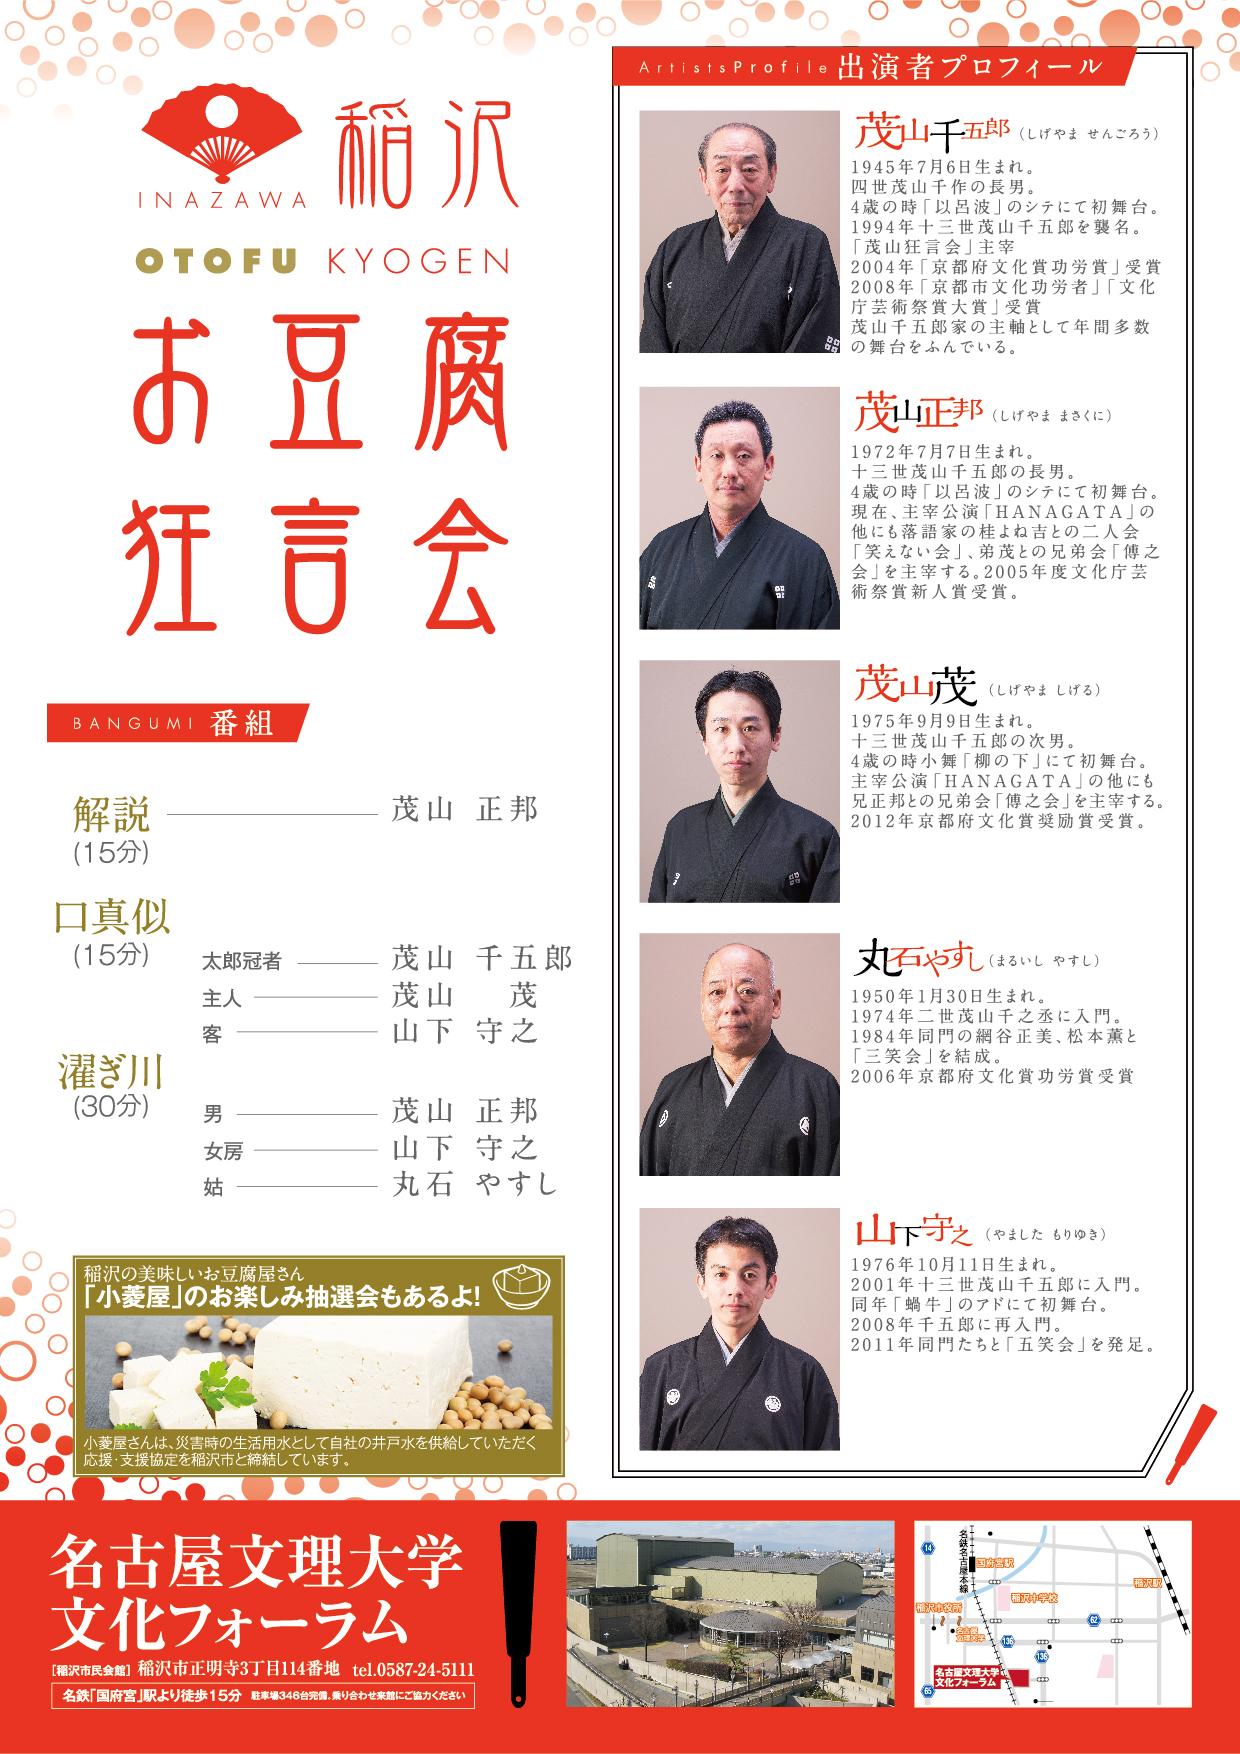 20160828お豆腐狂言裏